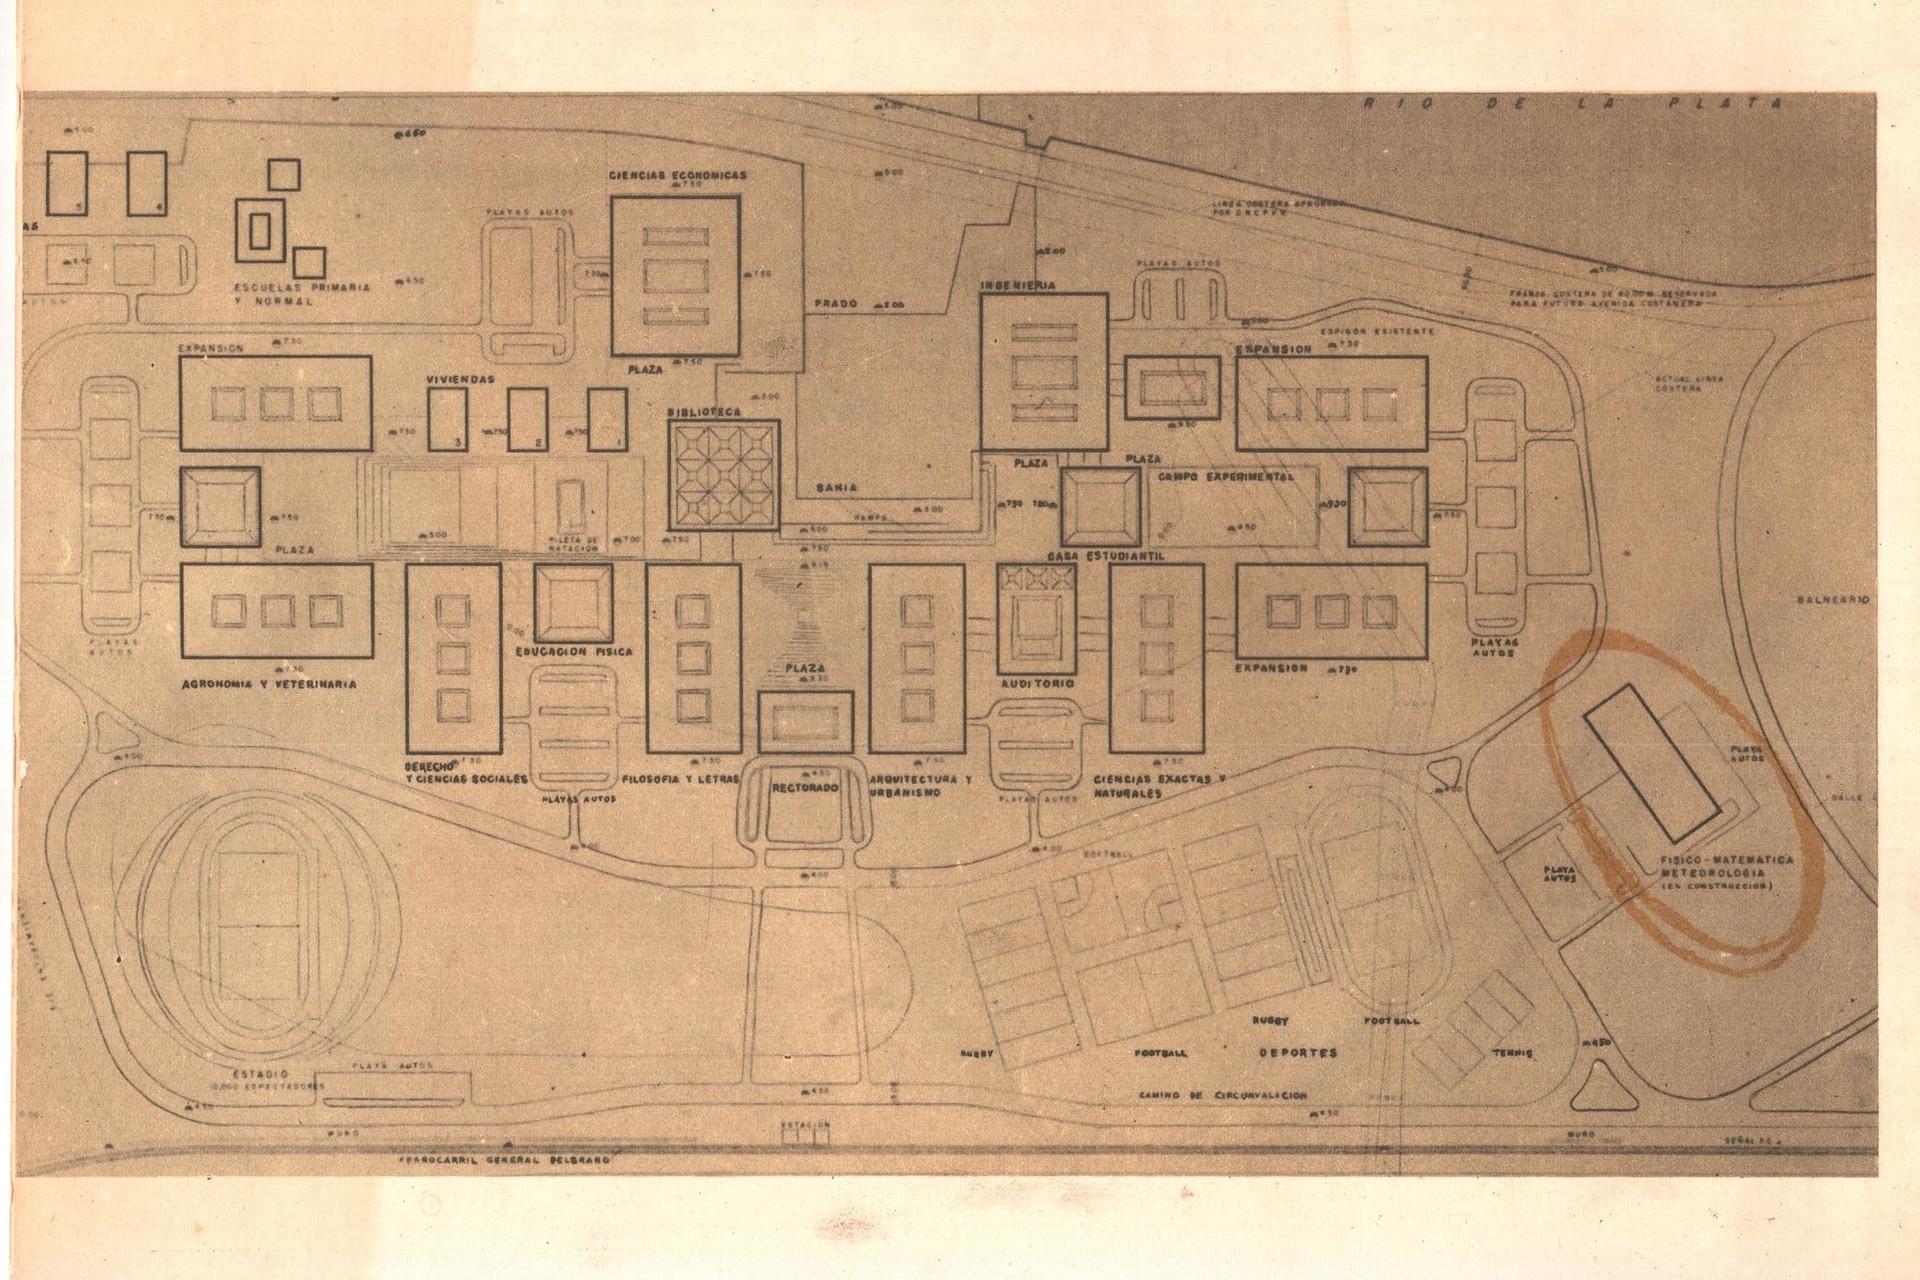 Plano original, hecho a mano, circa 1962. Cada edificio tiene detallado su futuro uso.